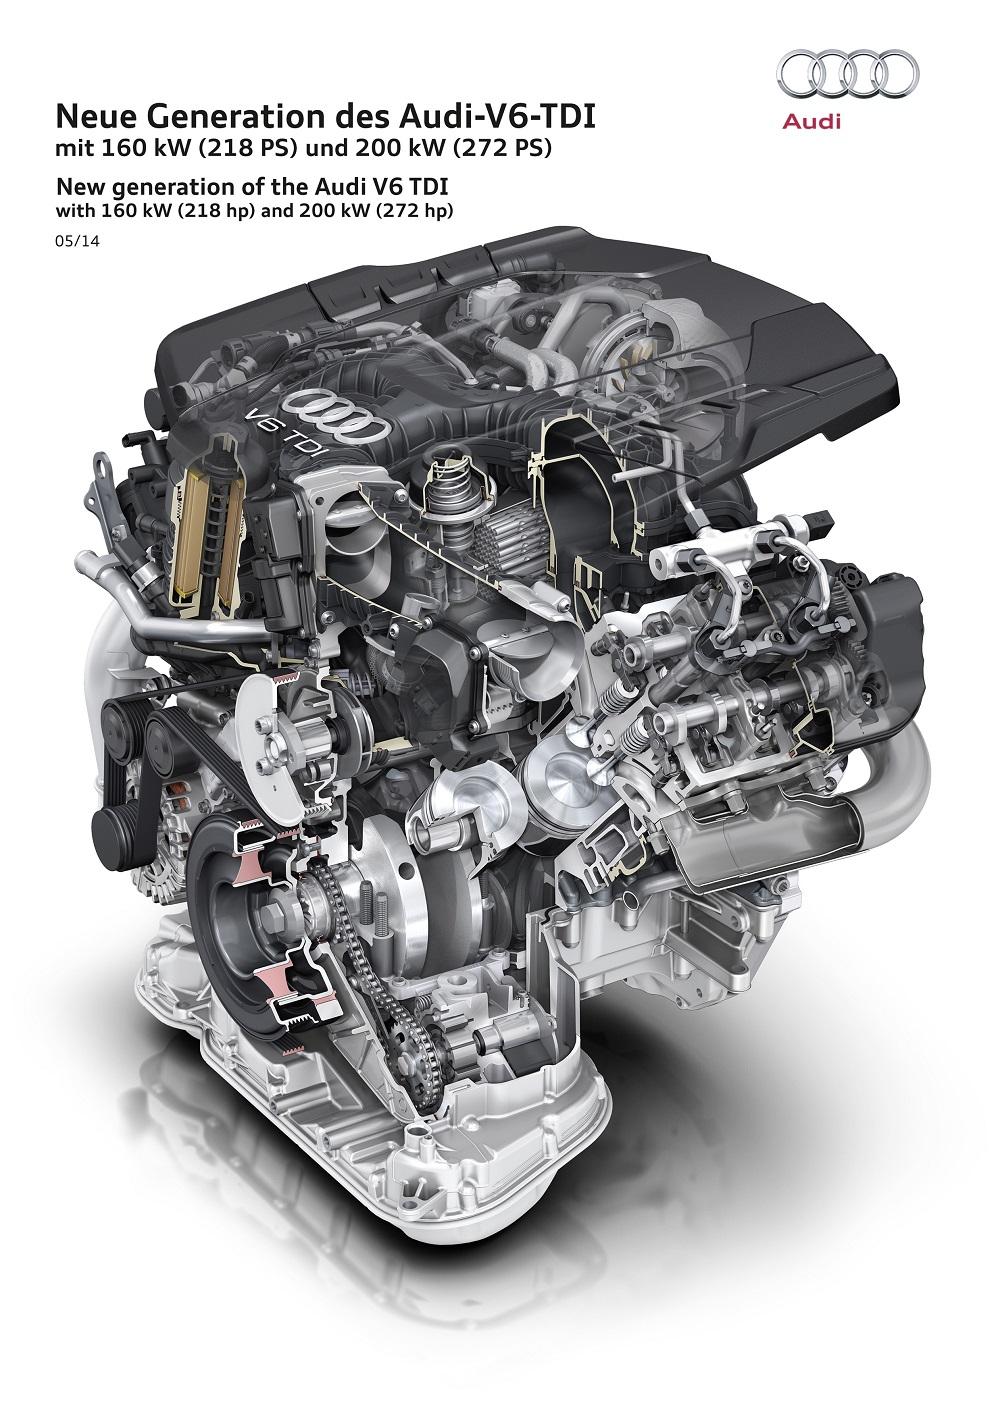 Nouvelle génération du moteur V6 TDI Audiavec160 kW (218 ch.) and 200 kW (272 ch.)